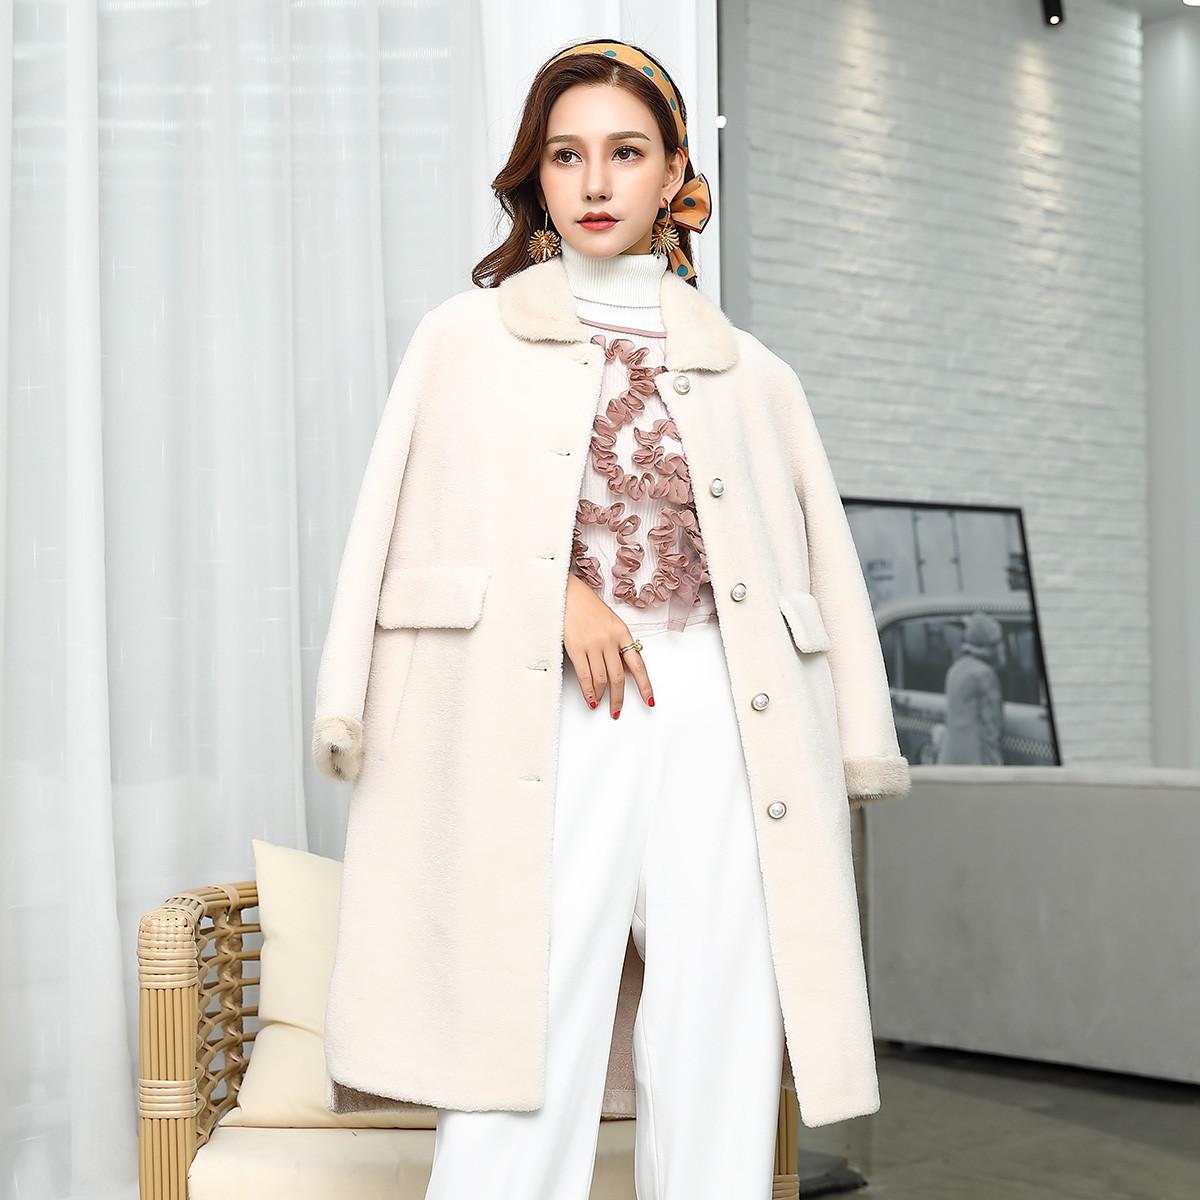 质量顶级样式时尚潮流 高端品牌戈蔓婷女装造就领域经典牌子